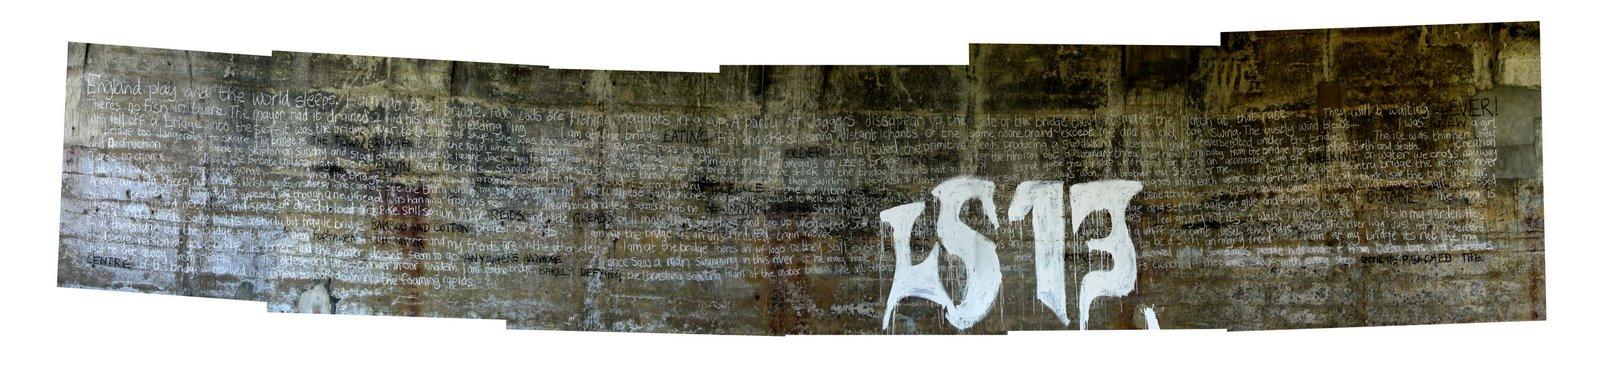 [walltext.jpg]